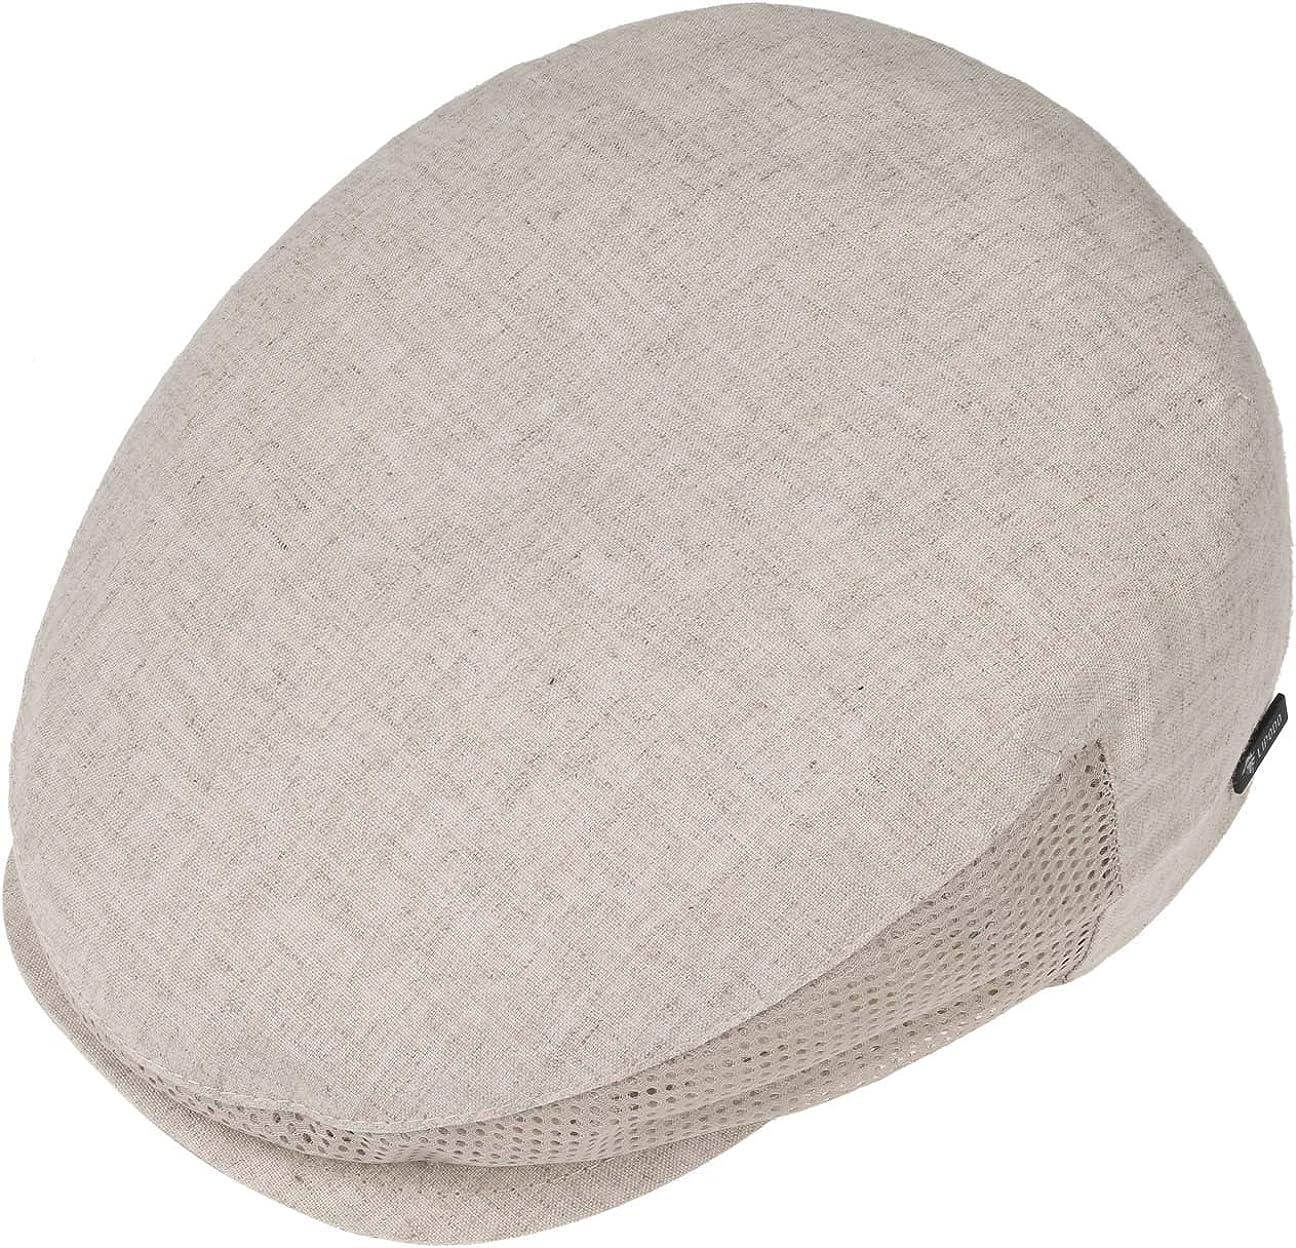 Fodera Fodera Primavera//Estate 62 cm Beige Made Italy Cotton cap Berretti irlandesi con Visiera Lipodo Mesh Berretto Piatto in Lino Uomo